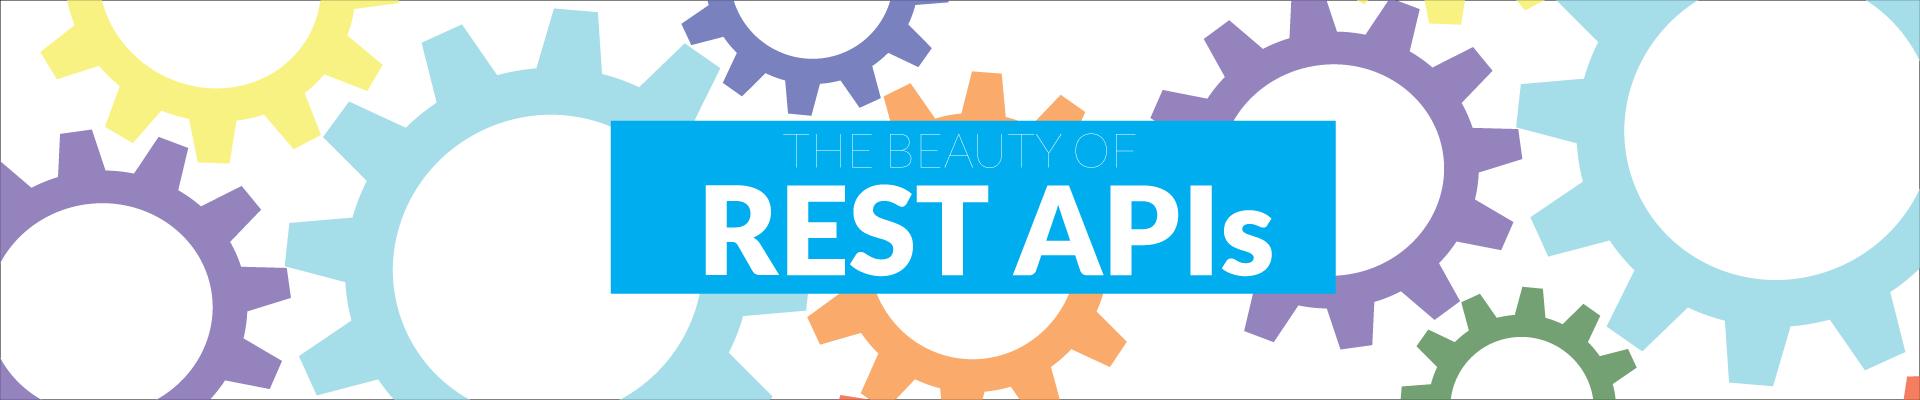 REST-APIs